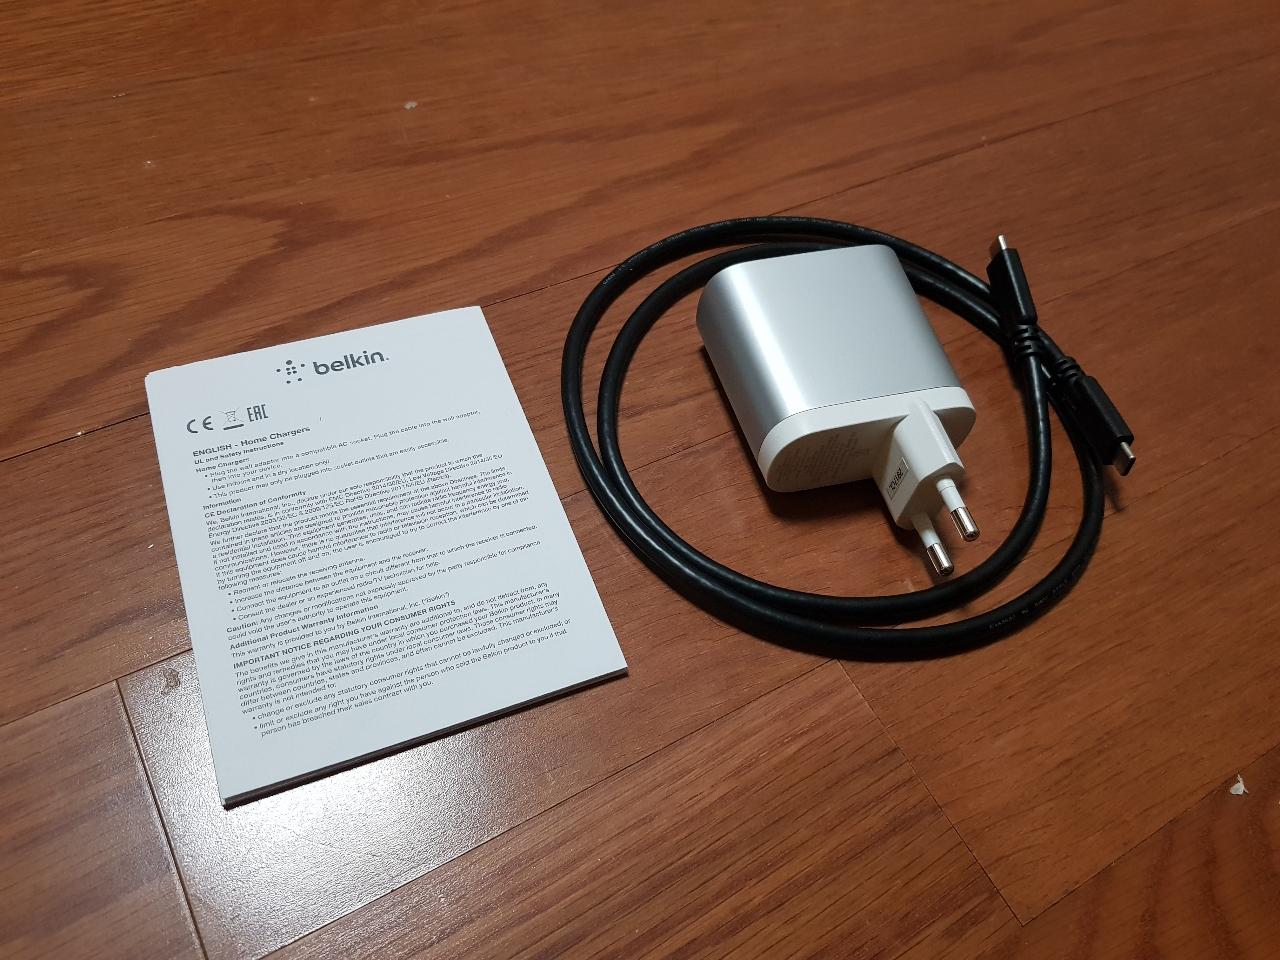 [주변기기] 벨킨 C to C 45W USB-PD 충전기